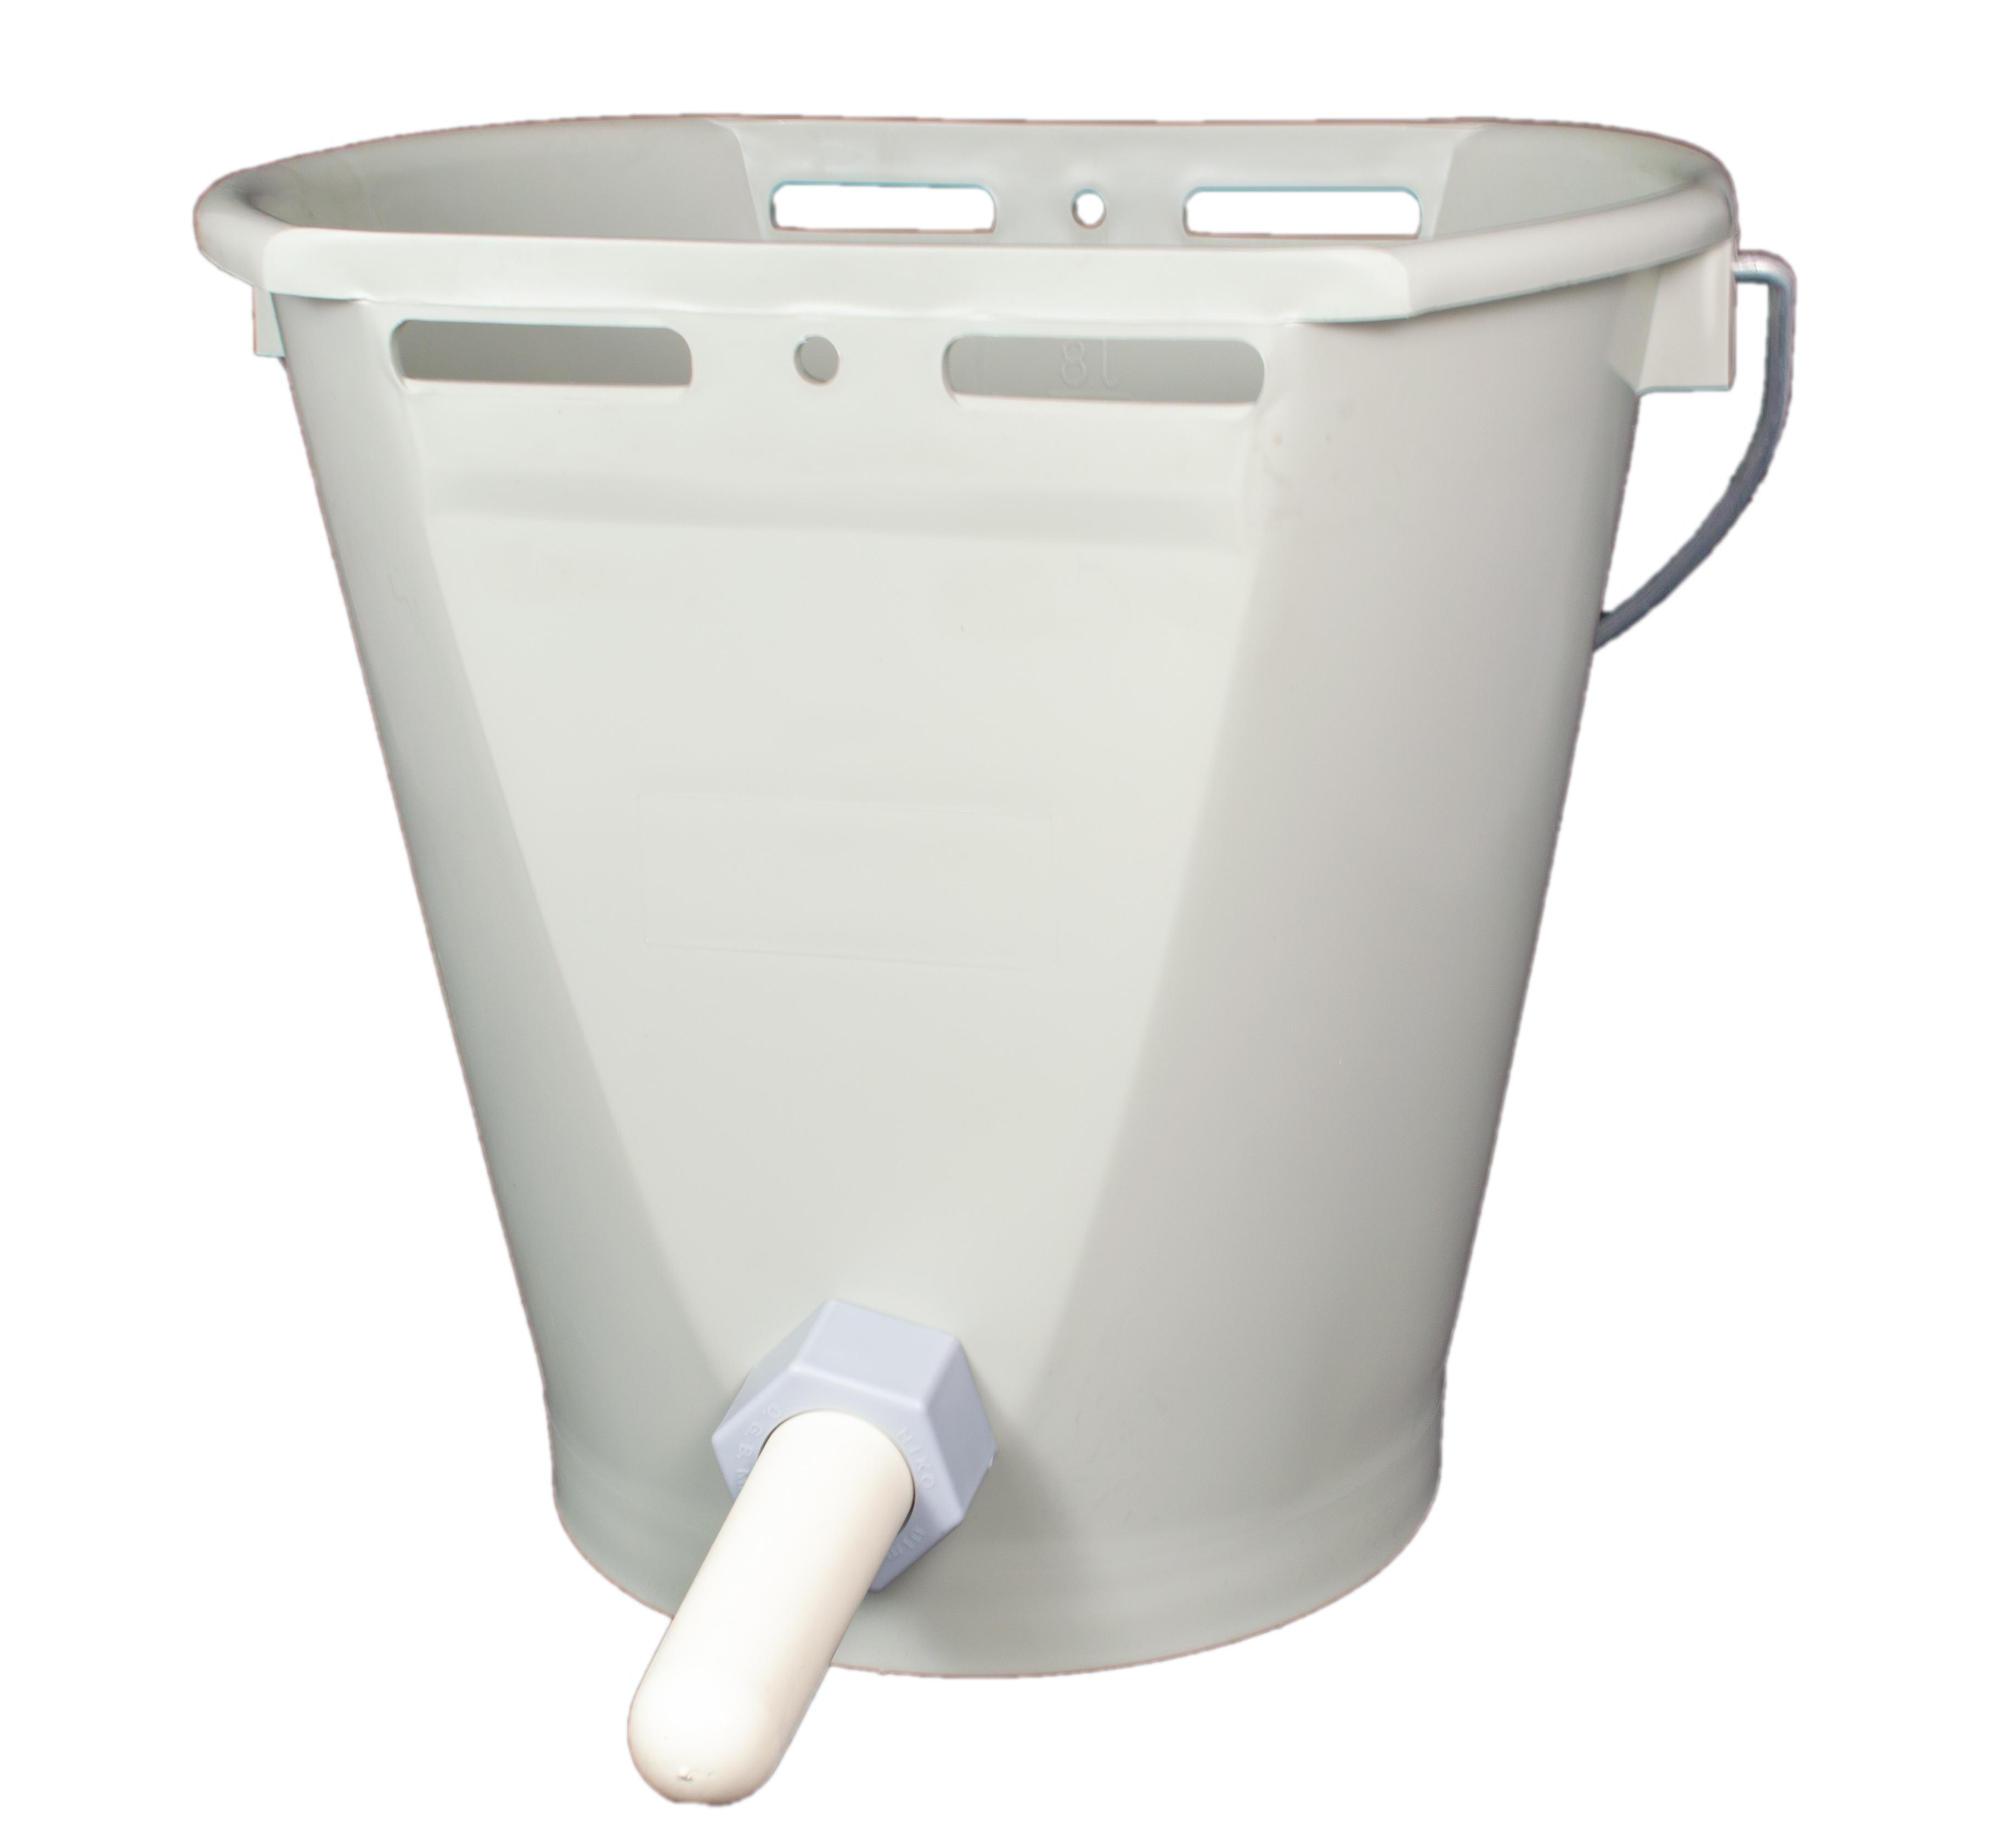 Hygieneventil für Tränkeeimer Kälbertränkeeimer